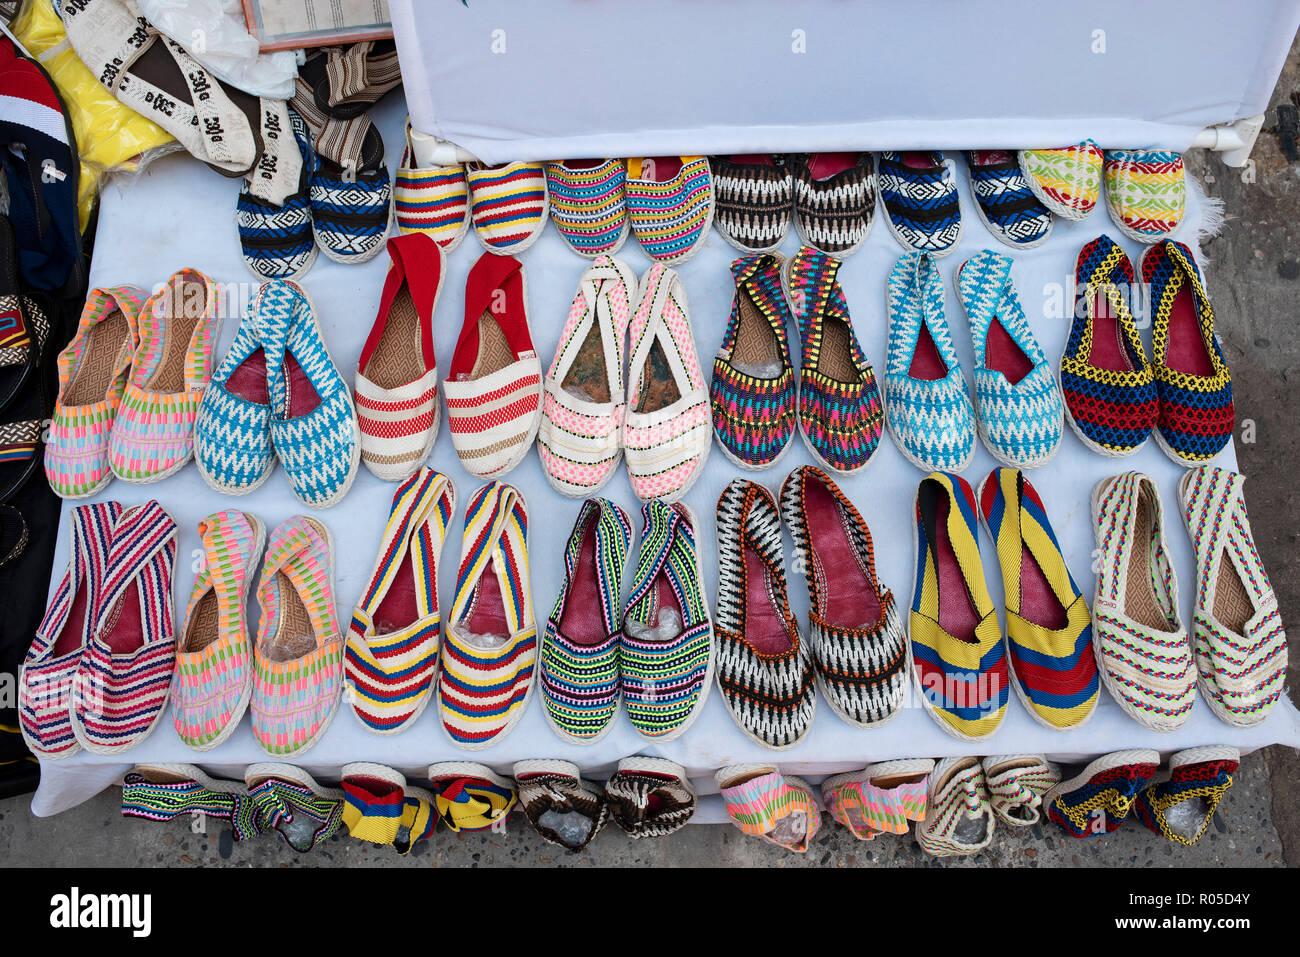 Verano Artesanal Alpargatas Calzado Para La Venta En La Calle De